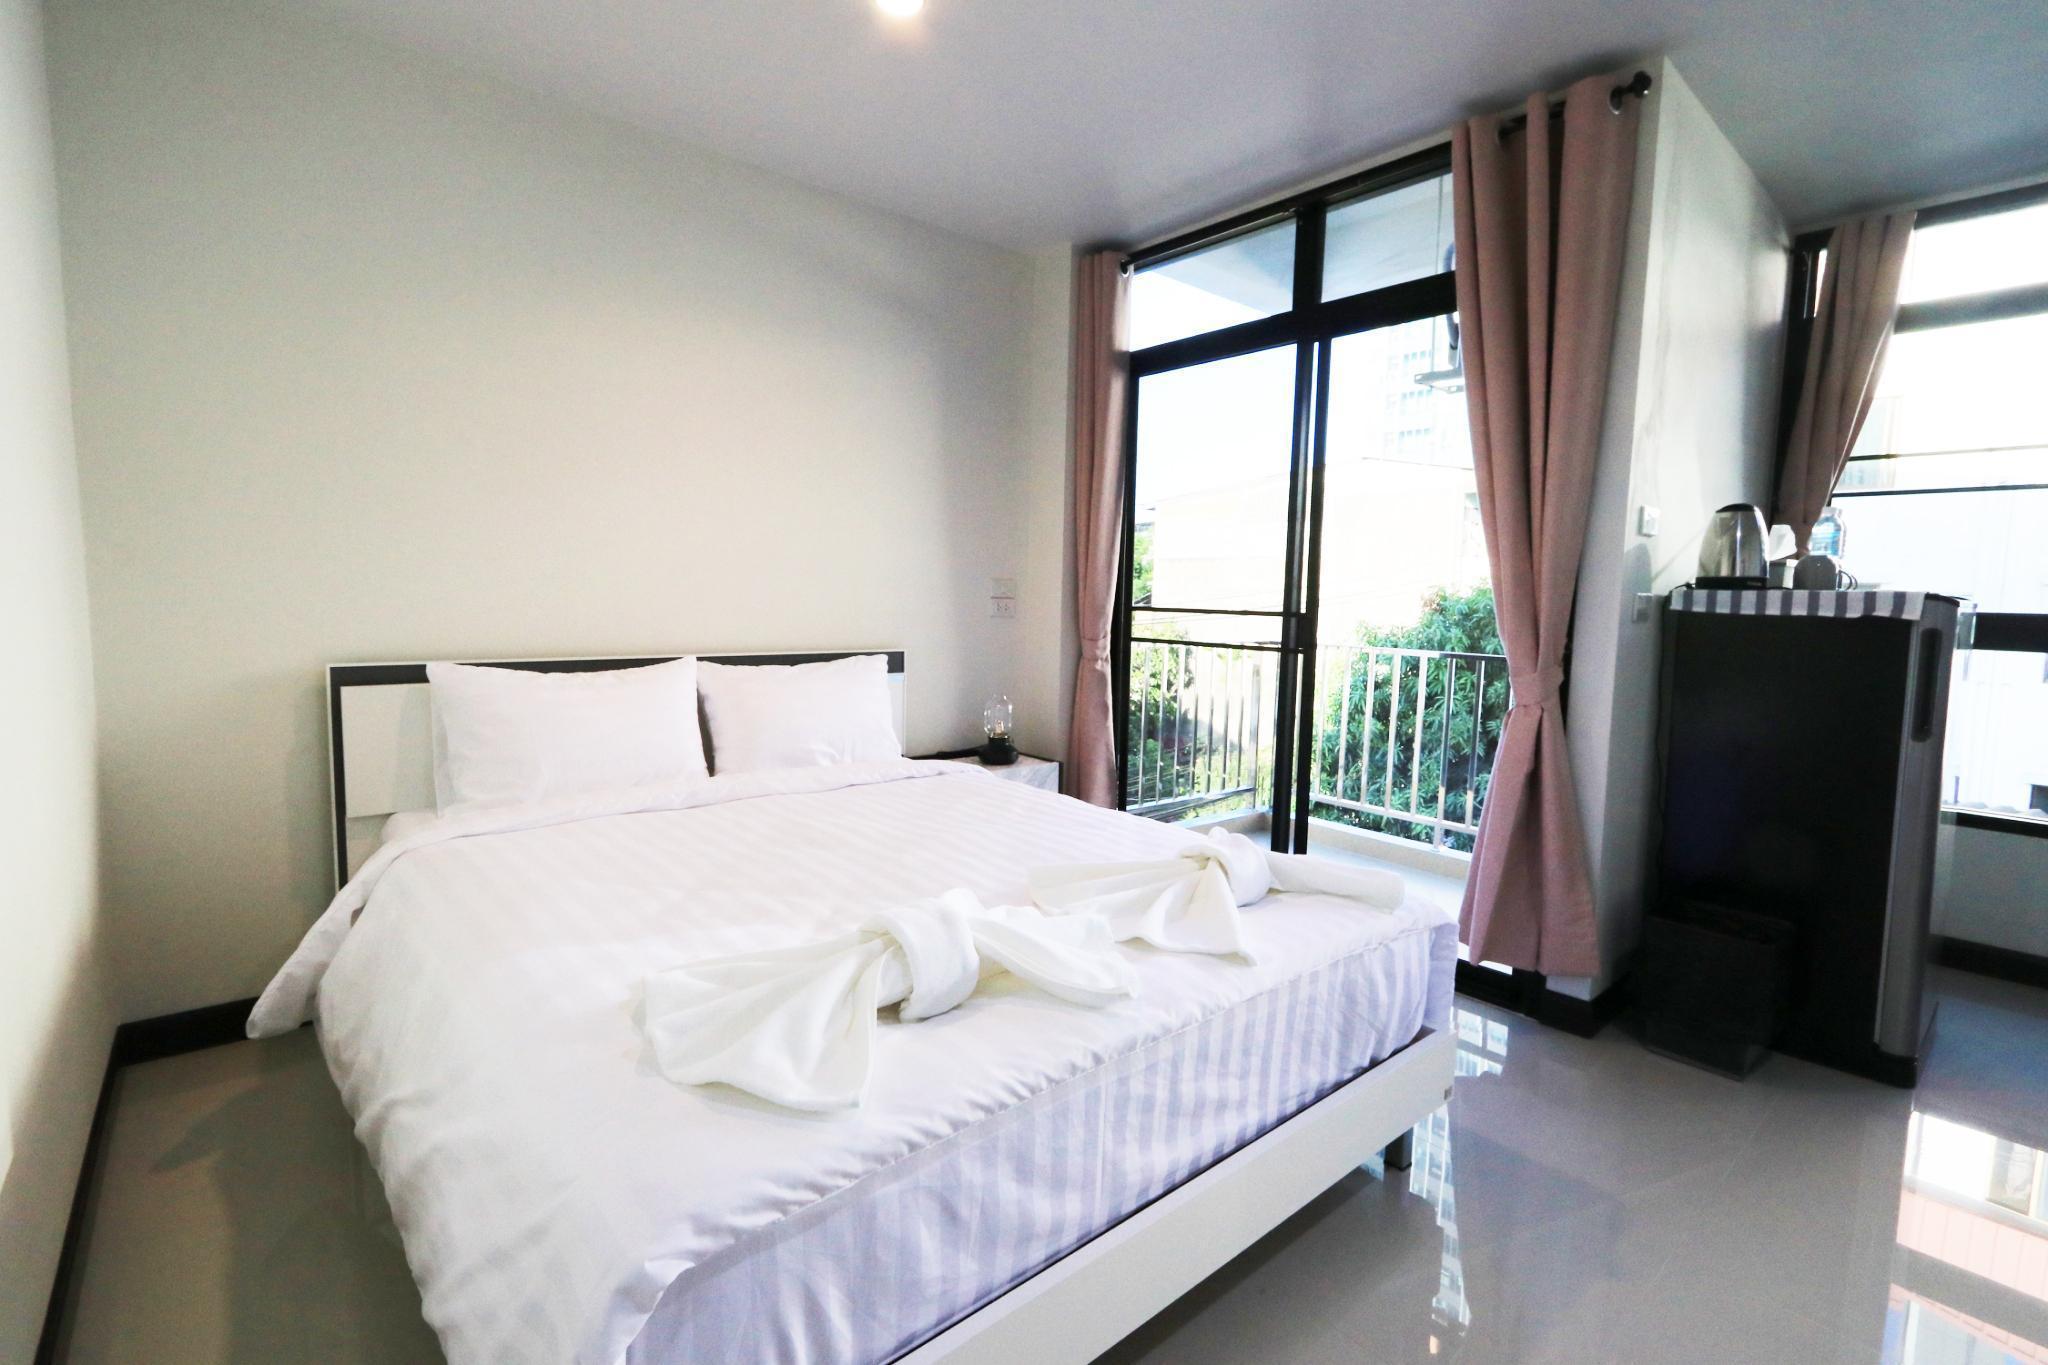 Baanrao Bangson Apartment 02 สตูดิโอ อพาร์ตเมนต์ 1 ห้องน้ำส่วนตัว ขนาด 26 ตร.ม. – จตุจักร